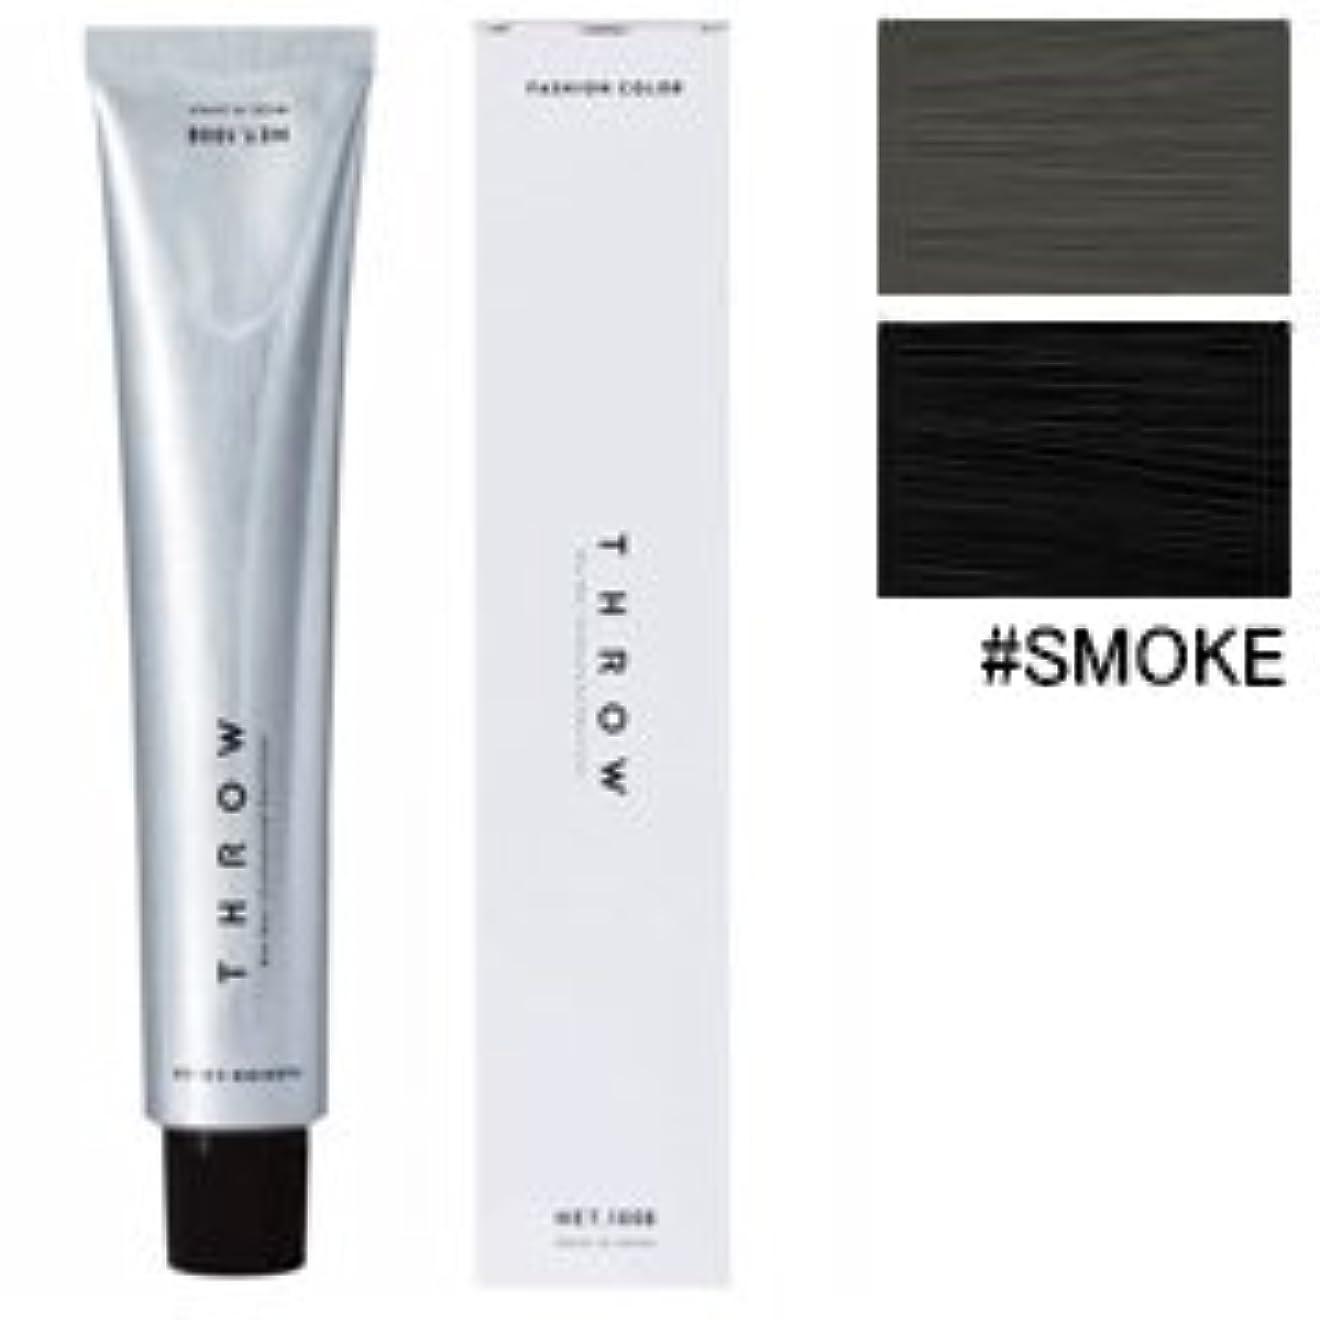 すばらしいです不一致カプラー【モルトベーネ】スロウ ファッションカラー #SMOKE 100g